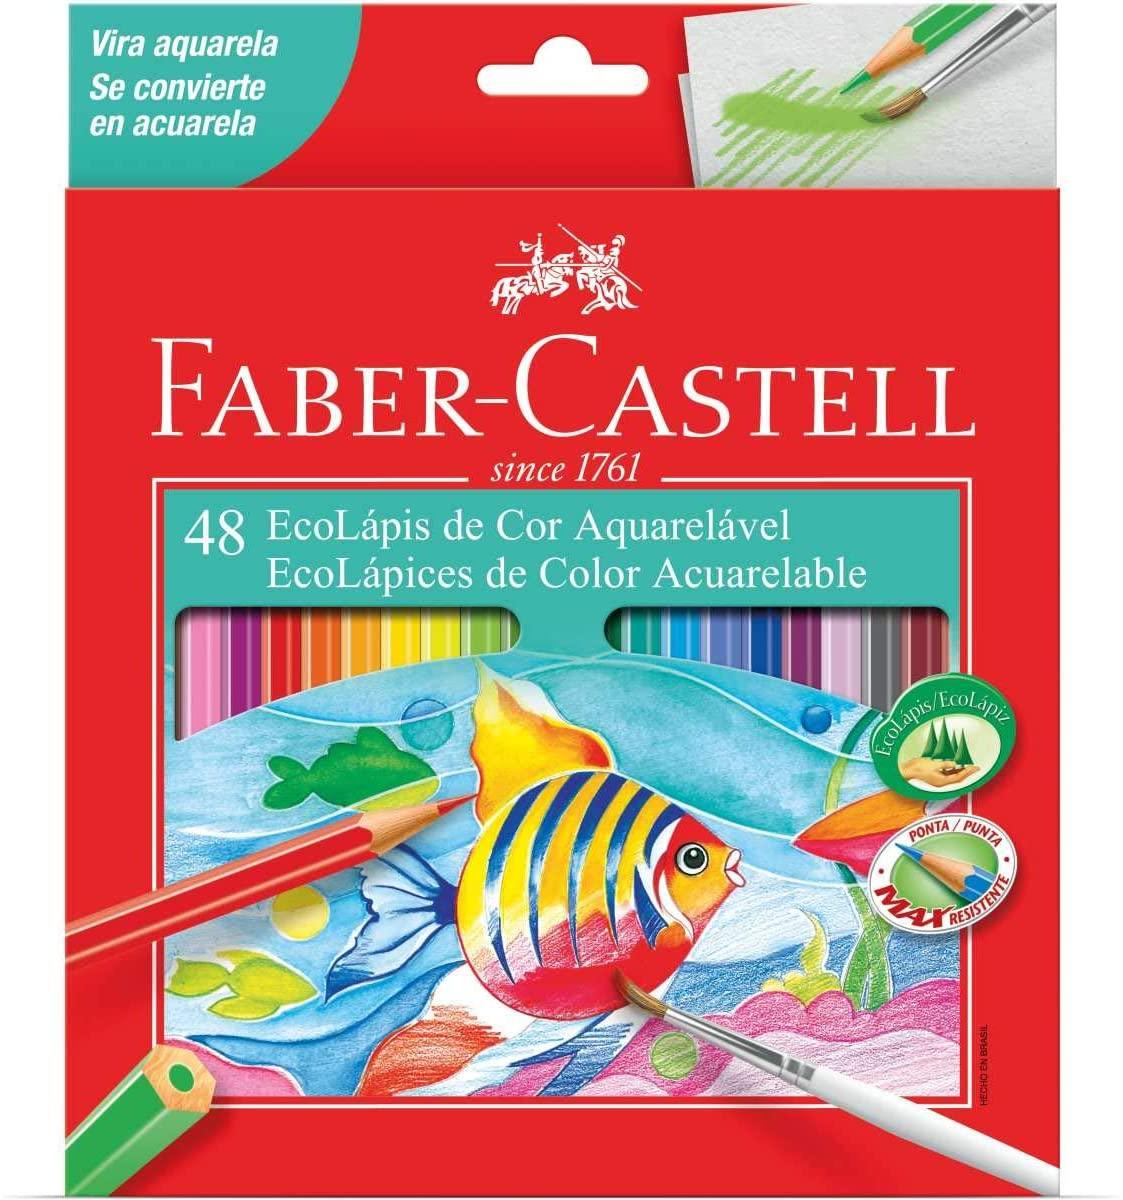 Lapis de Cor Aquarelável 48 Cores Faber-Castell Ecolápis